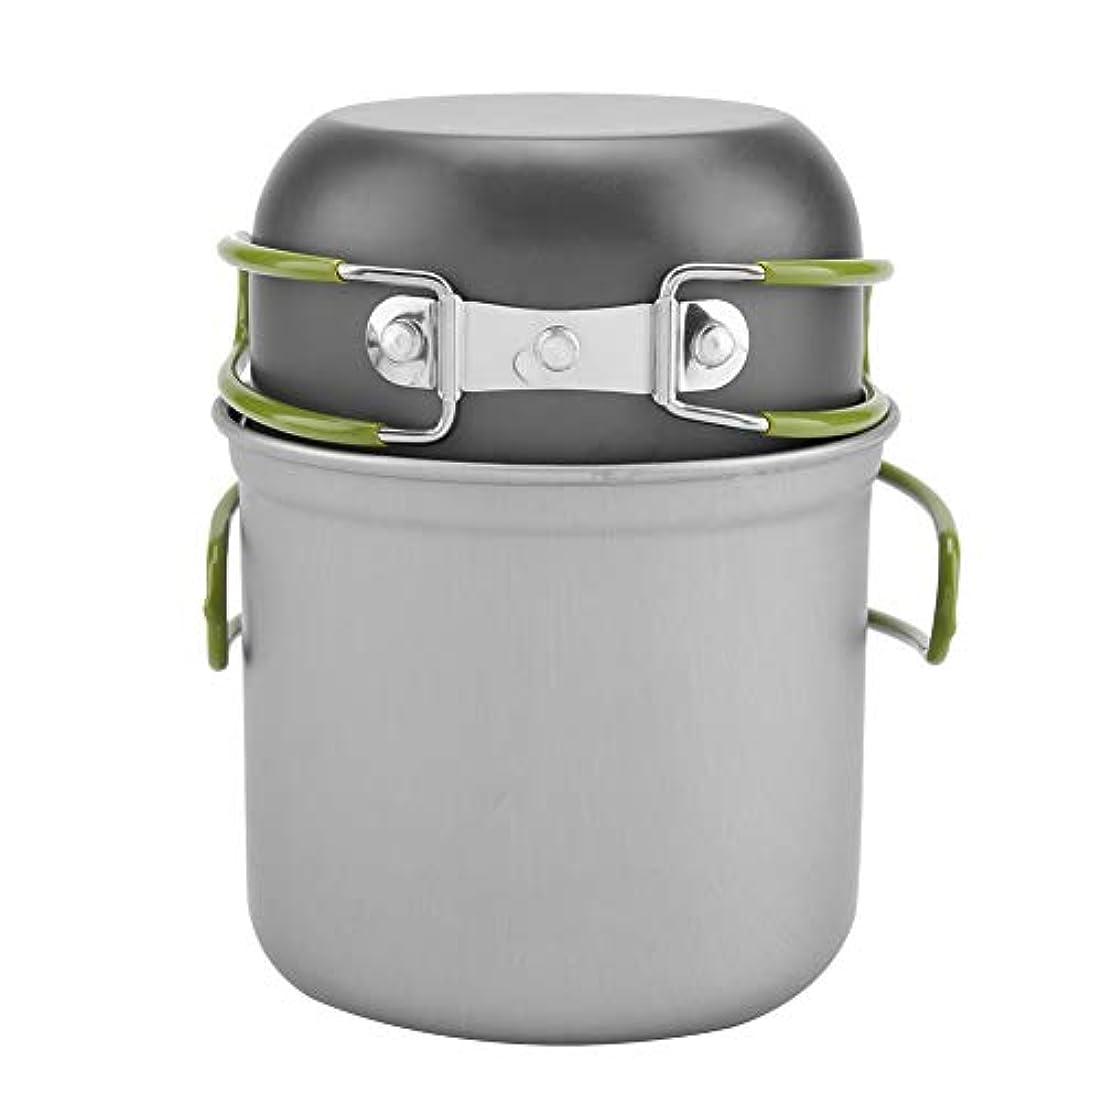 科学フォージ継続中Zerodis ポータブルアウトドア調理器具 2個セット アルミ製鍋 持ち運び用メッシュバッグ付き キャンプストーブ キャンプ ハイキング バックパック ピクニック用